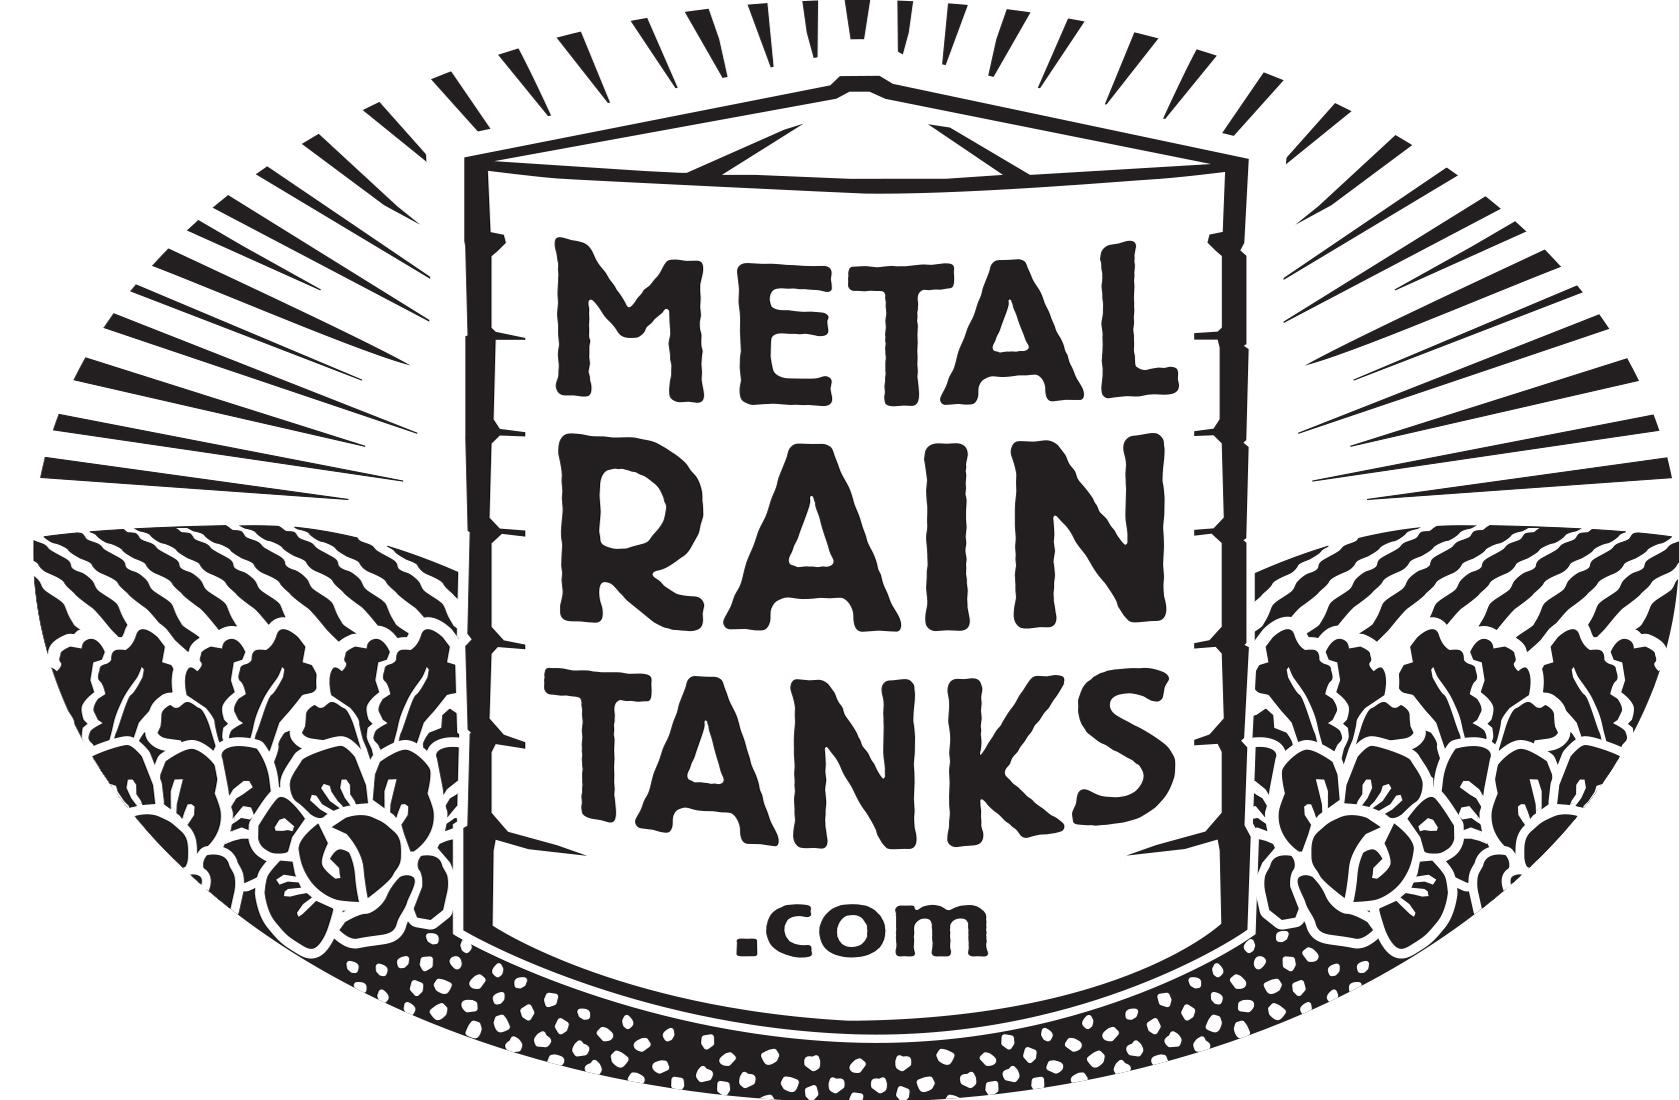 Metal Rain Tanks